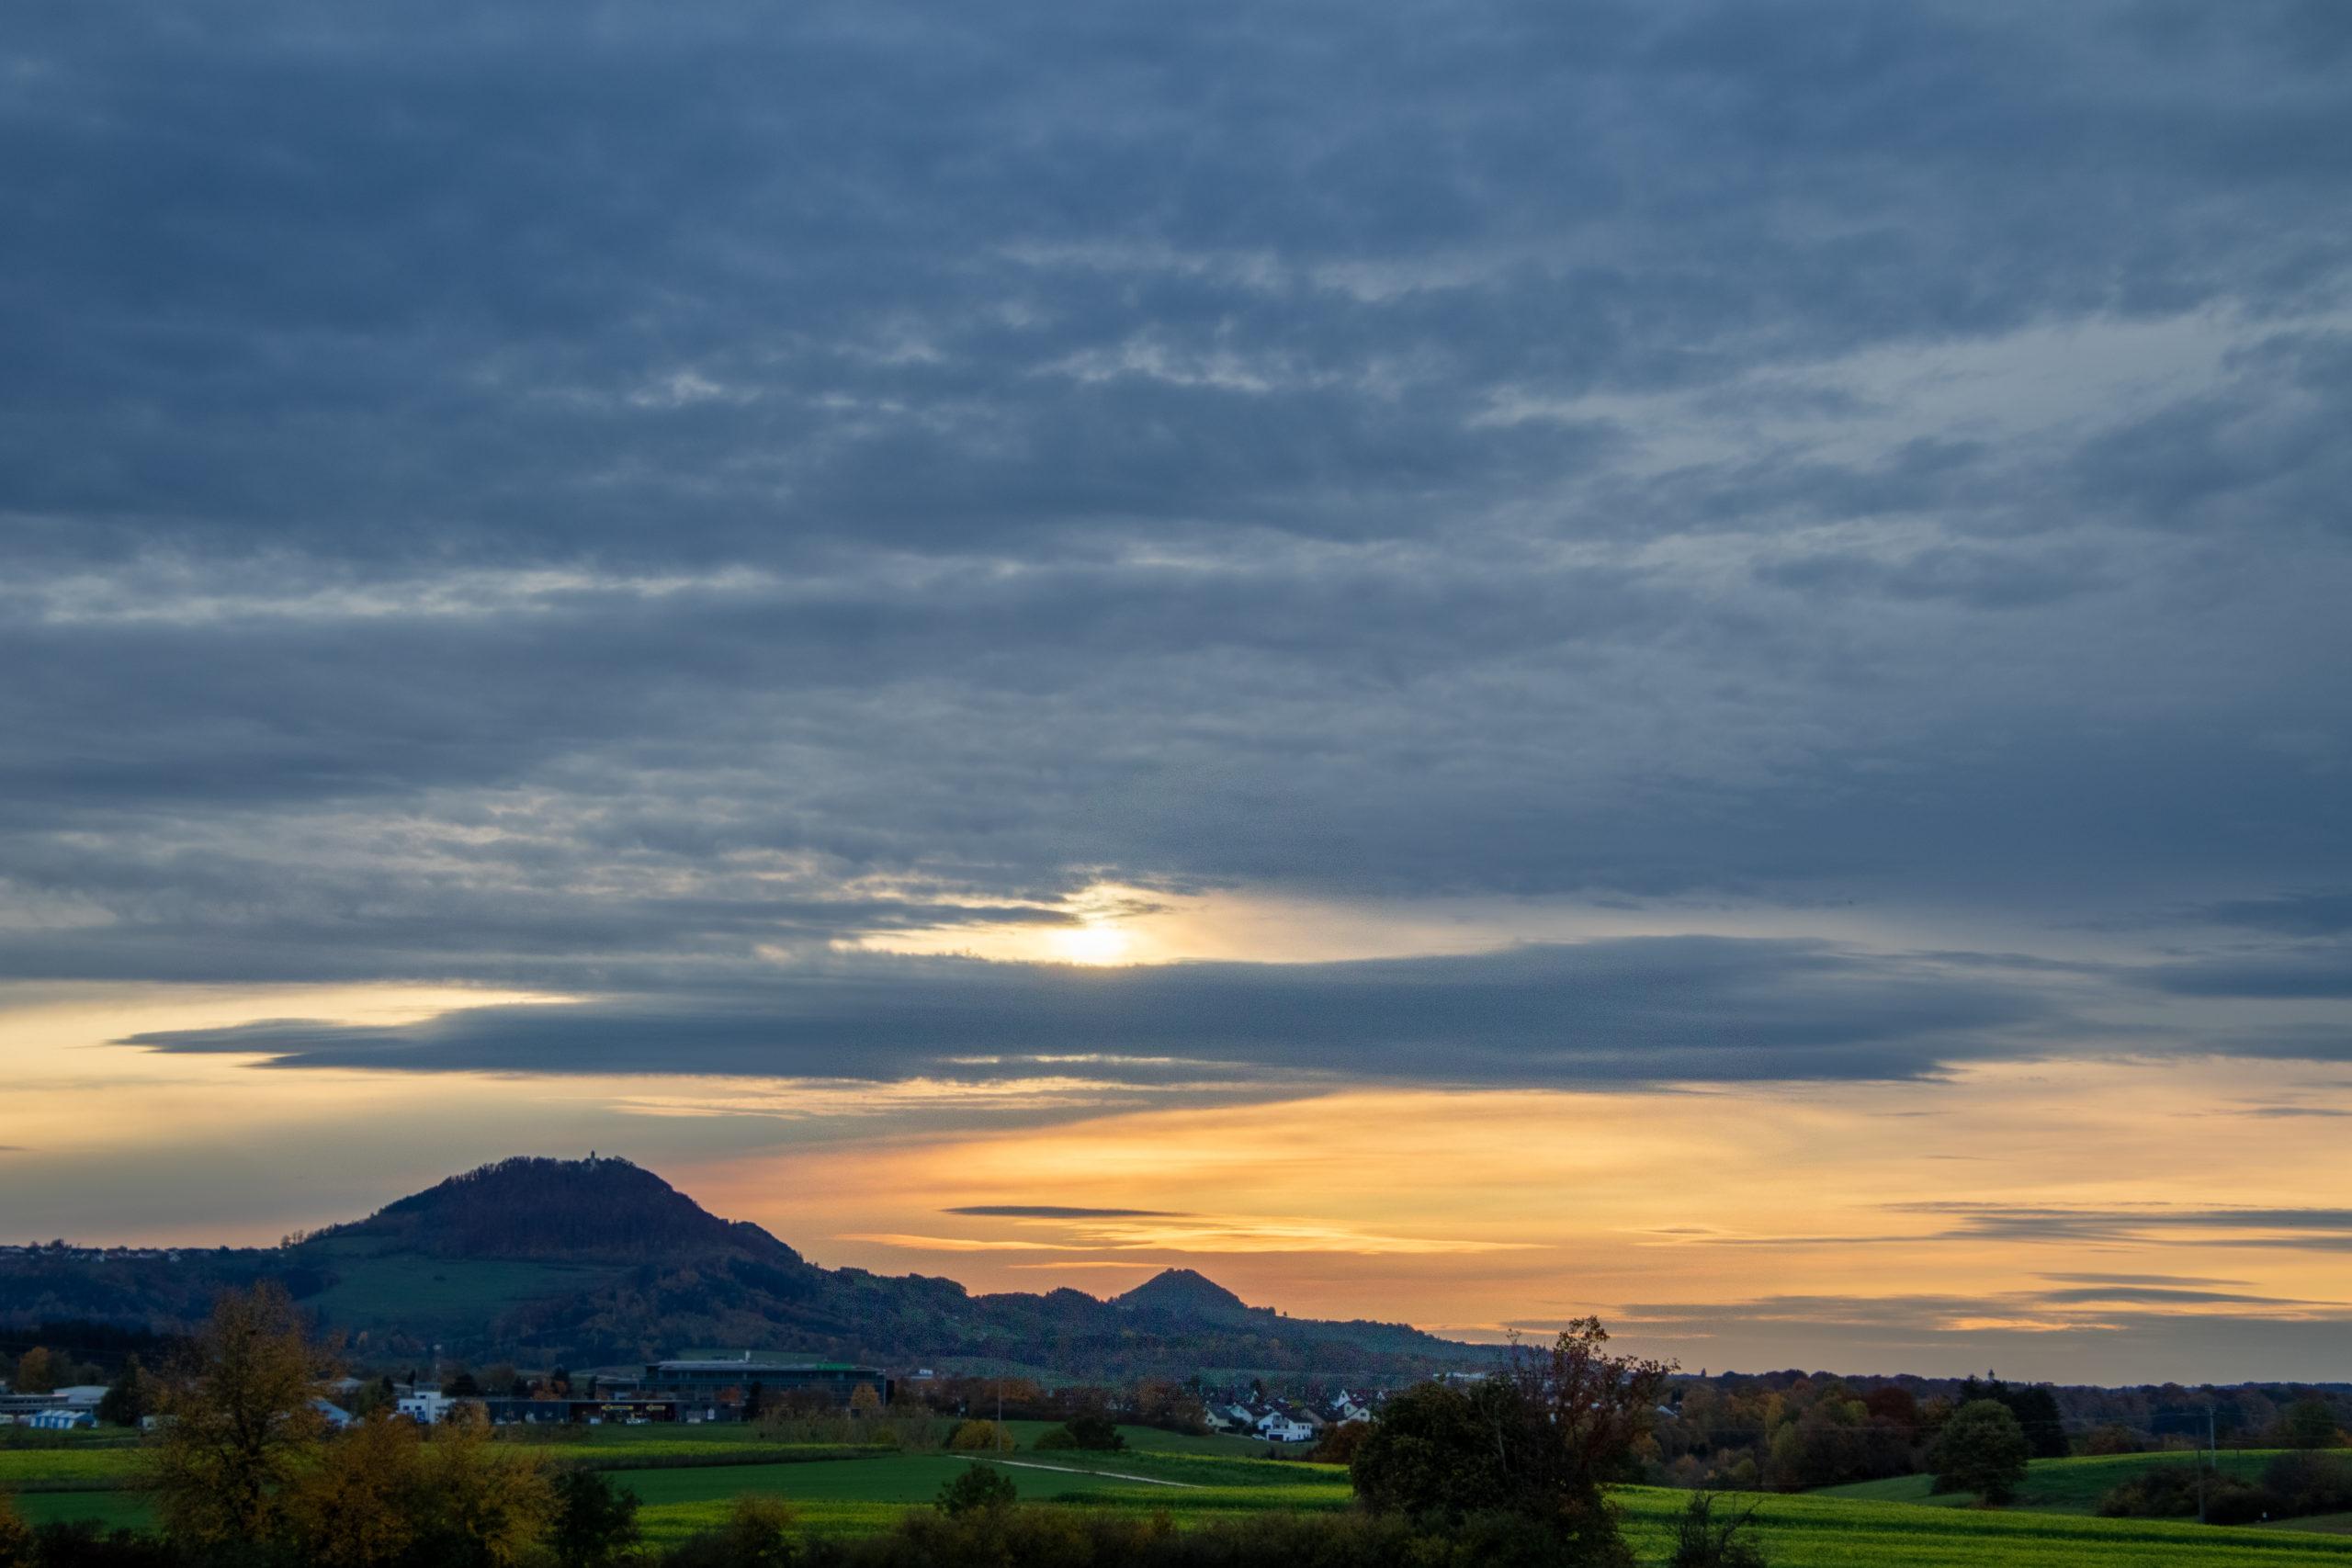 Sonnenuntergang beim Hohenrechberg (Baden-Württemberg)